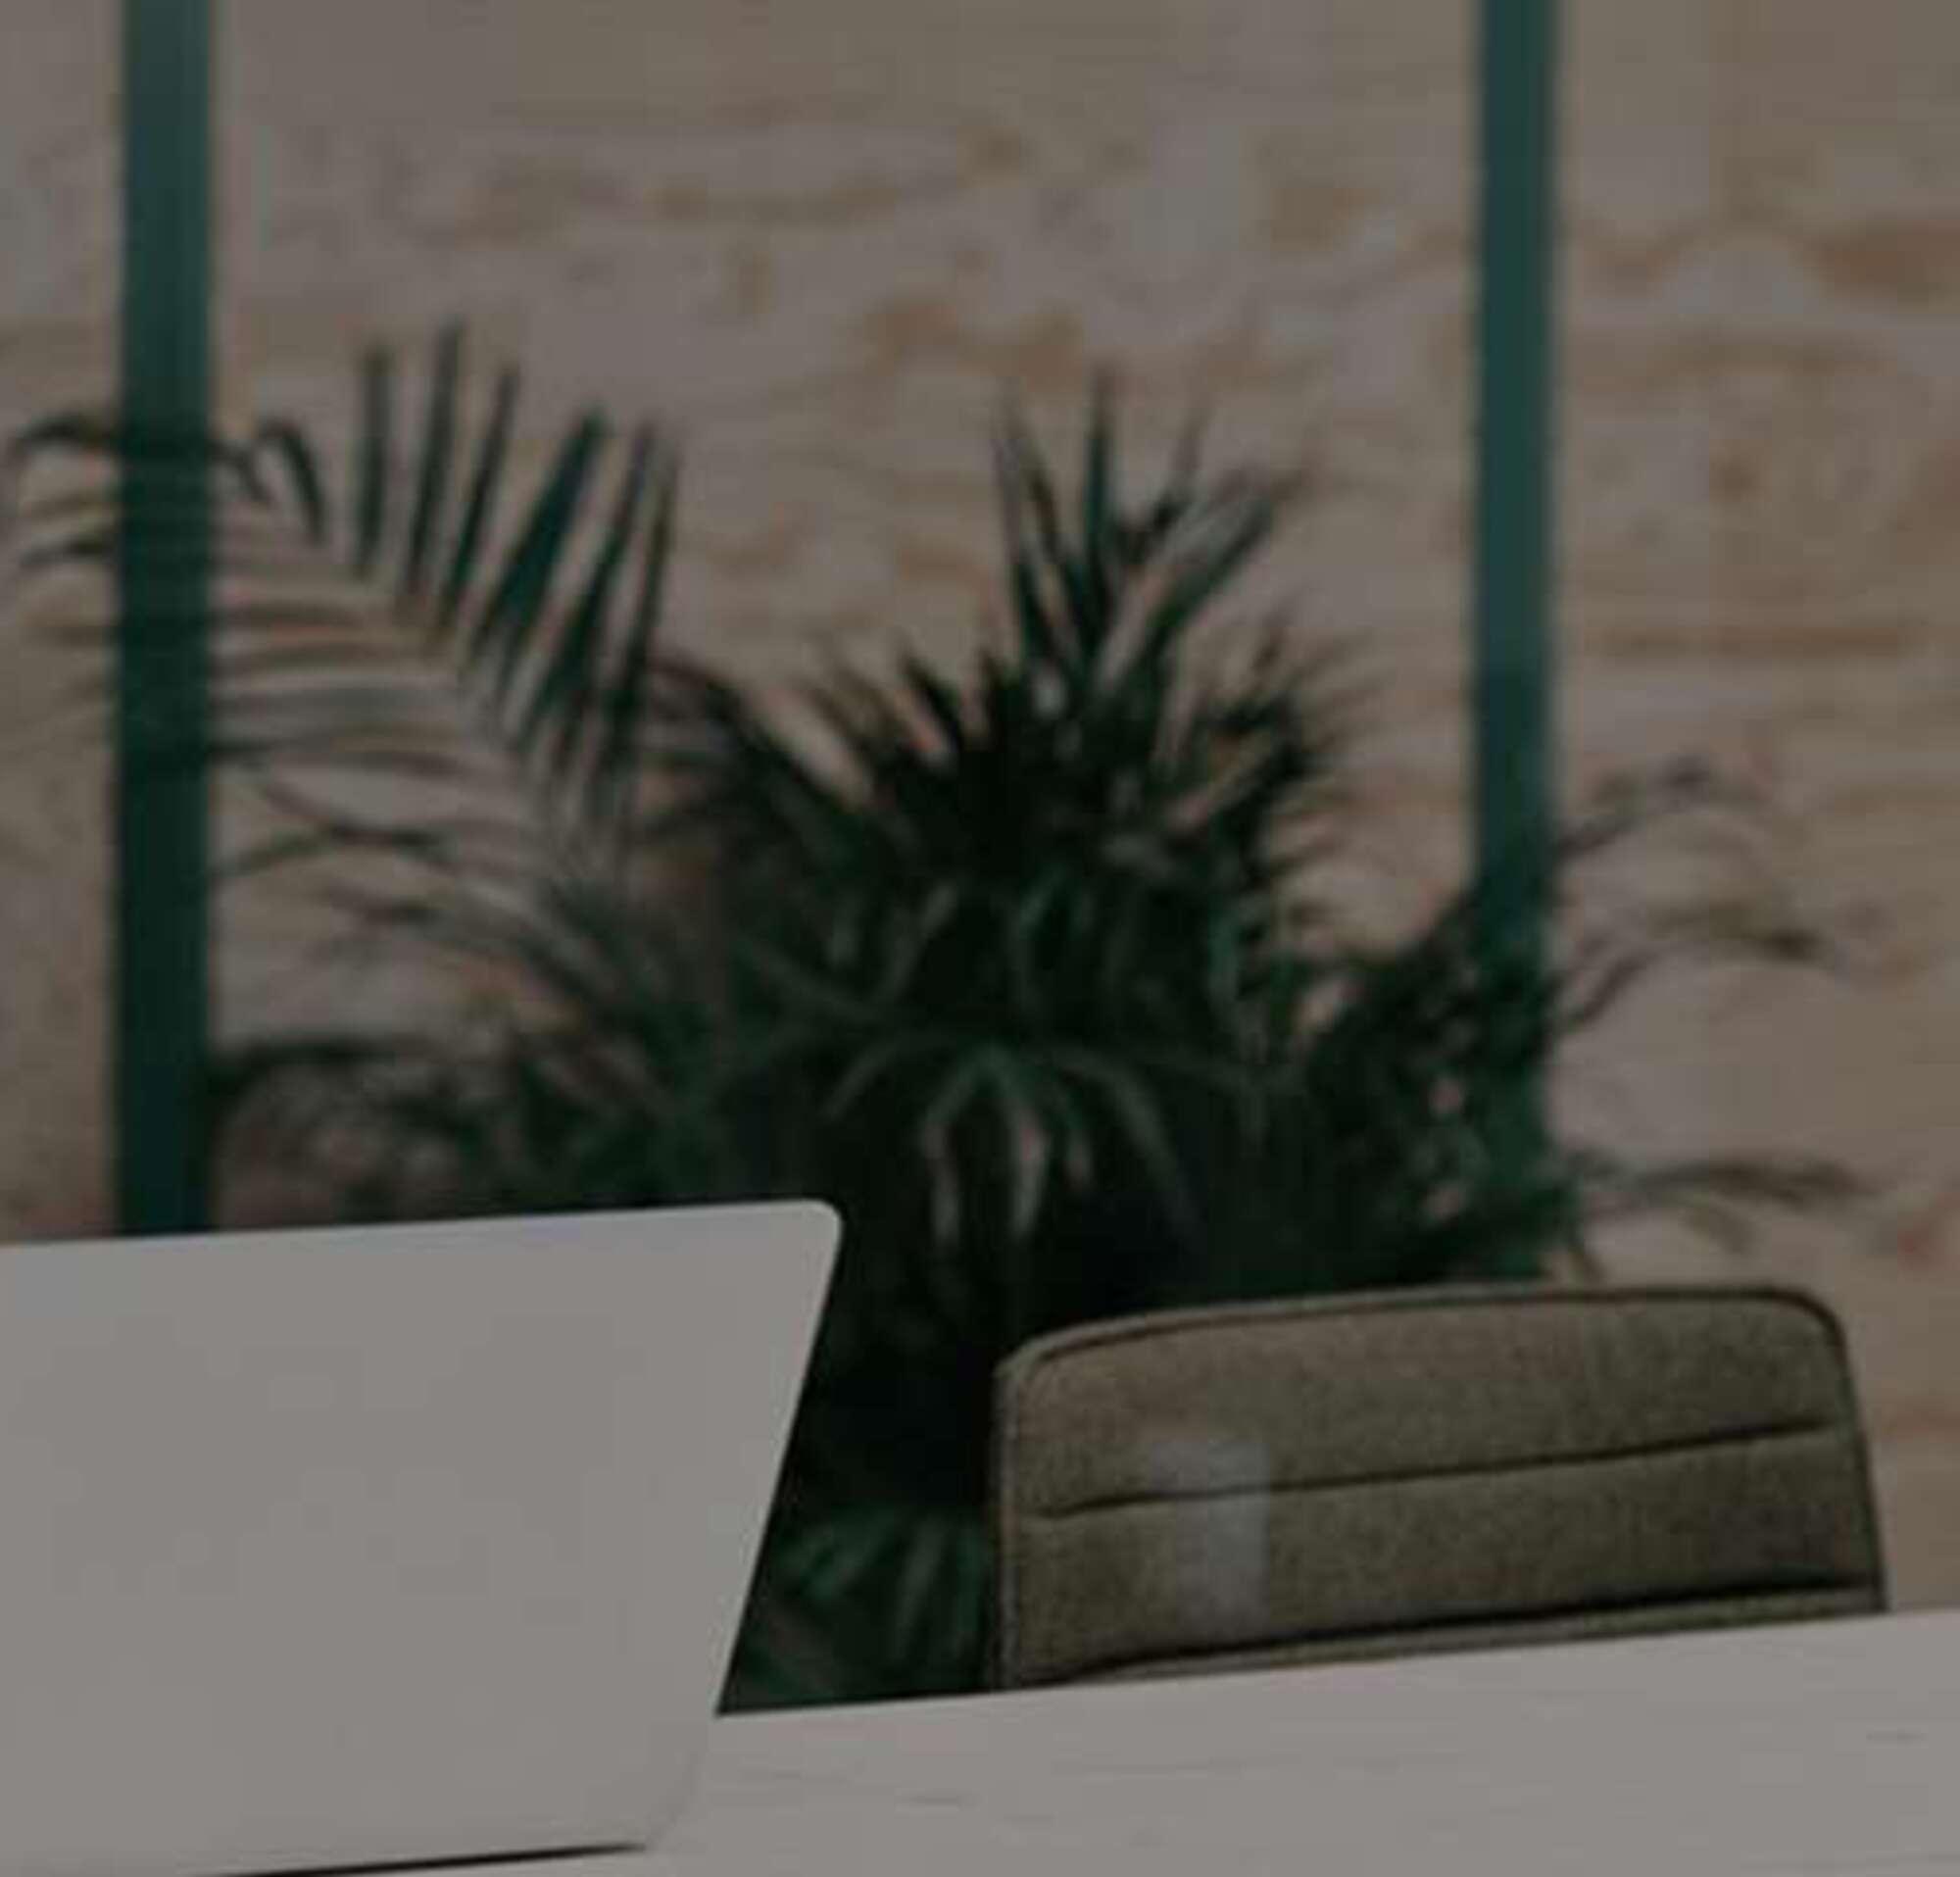 Une femme avec des écouteurs travaille sur un ordinateur portable en tenant son téléphone à la main.